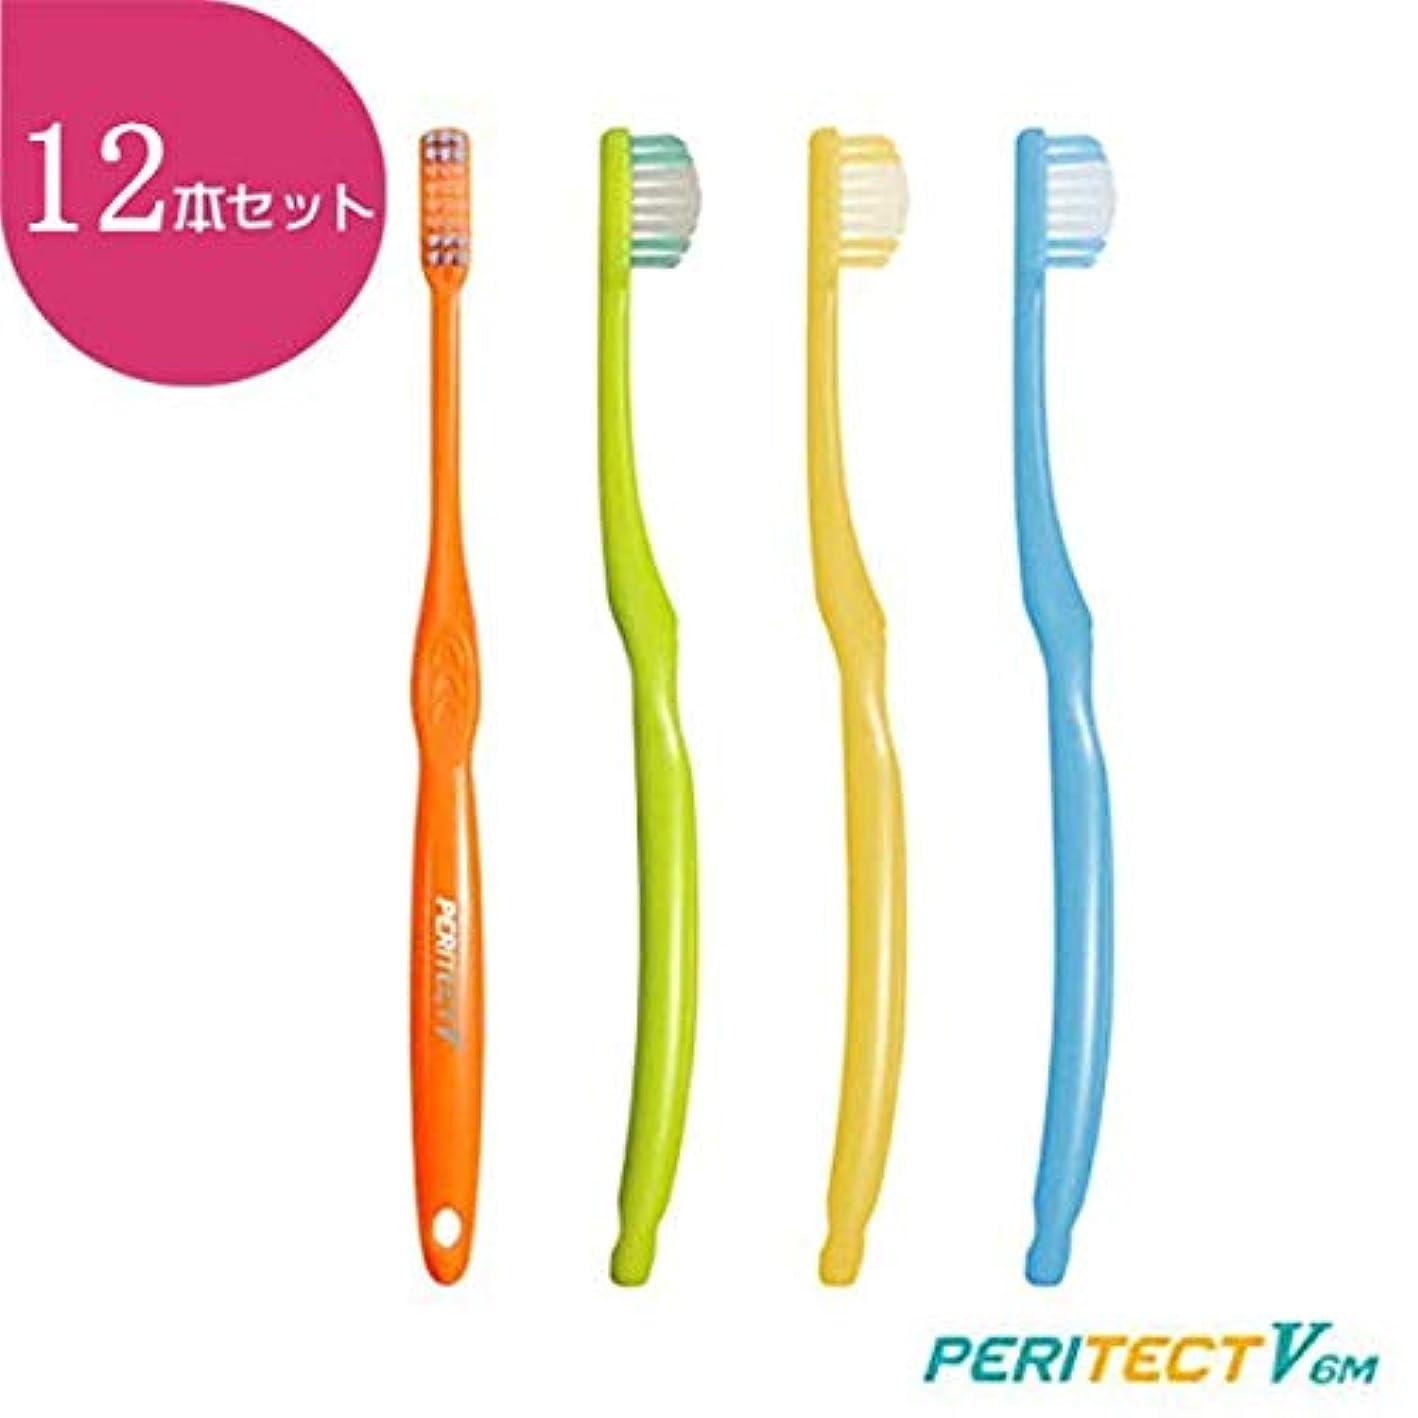 ビーブランド PERITECT V ペリテクト ブイ 6M(やわらかめ)×12本 歯ブラシ 歯科専売品